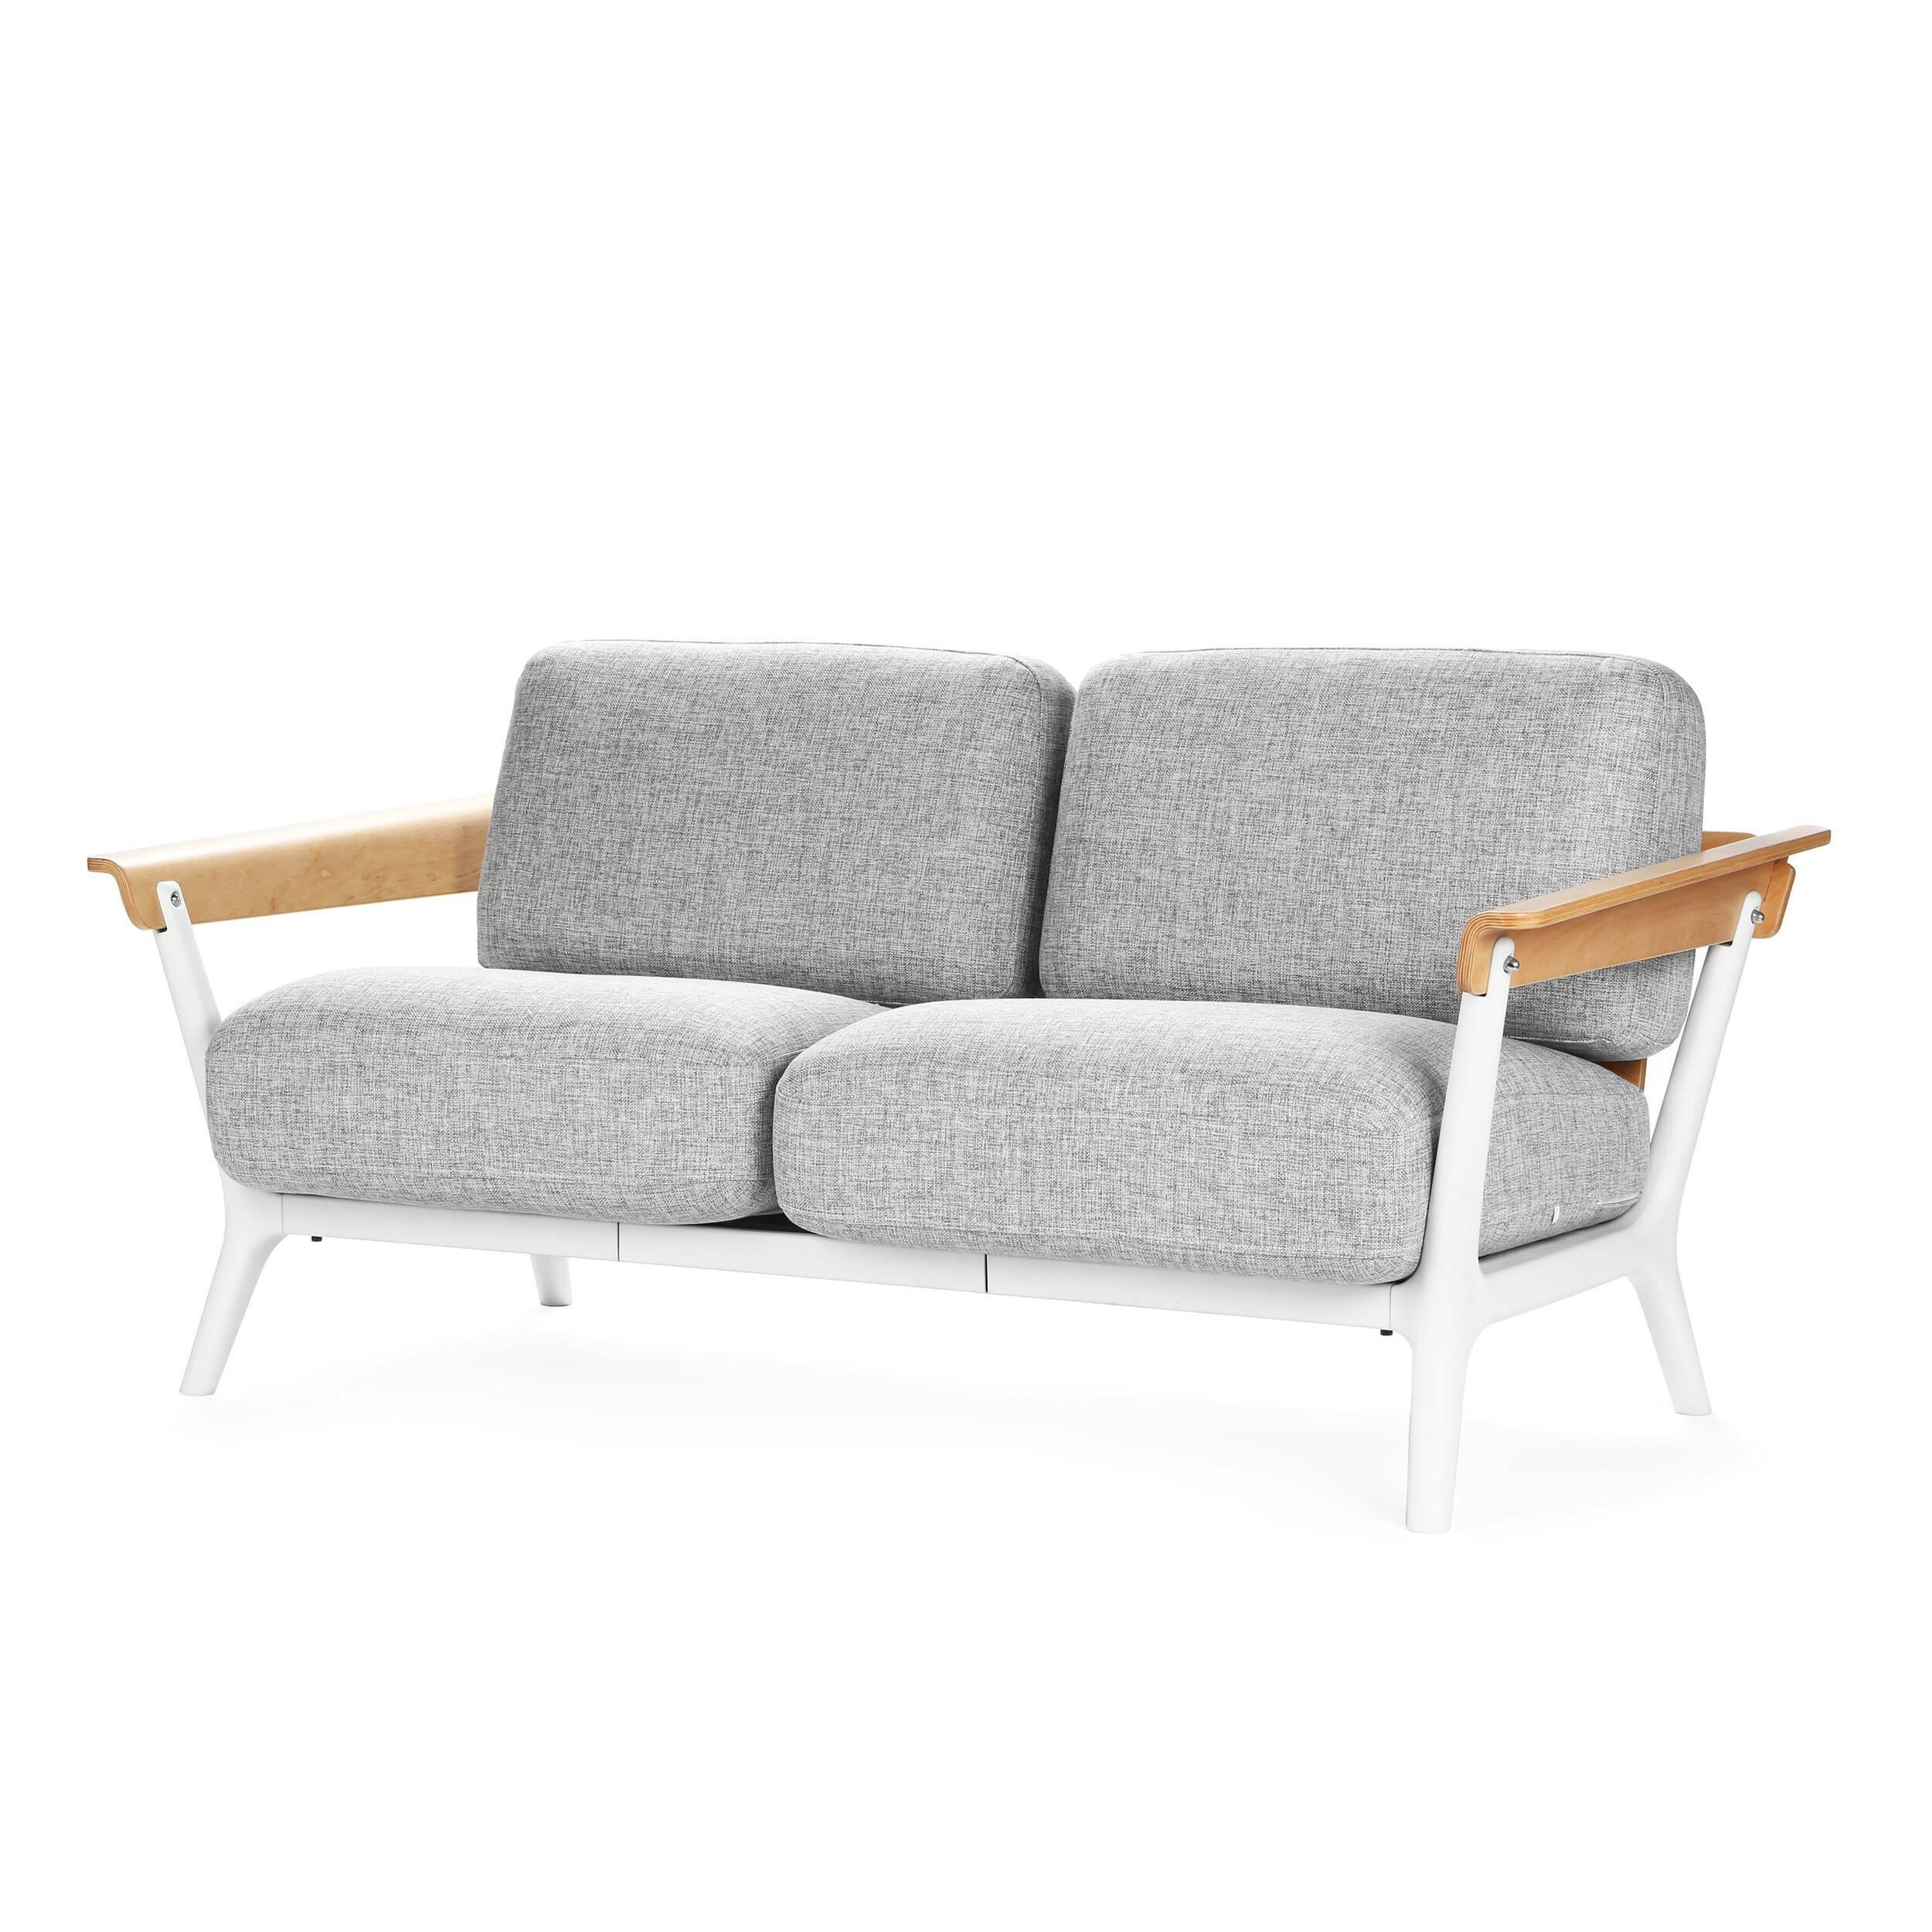 Диван VeneziaДвухместные<br>Дизайнерский легкий двухместный диван-софа Venezia (Венеция) с подлокотниками от Cosmo (Космо).<br><br>Емкое и содержательное название изделия совсем под стать его дизайну. О простом, но непременно стильном диване Venezia можно по праву сказать: модное и со вкусом.<br> <br> Оригинальный диван Venezia — дизайн в стиле скандинавского модерна. Другое название направления — датский модерн. Этот стиль, получив распространение в северных странах, постепенно актуализировался и в европейских странах. Он ст...<br><br>stock: 0<br>Высота: 81.5<br>Высота сиденья: 40<br>Глубина: 70.5<br>Длина: 162<br>Цвет подлокотников: Коричневый<br>Материал обивки: Лен<br>Материал подлокотников: Массив бука<br>Тип материала каркаса: Полипропилен<br>Тип материала обивки: Ткань<br>Цвет обивки: Серый<br>Цвет каркаса: Белый